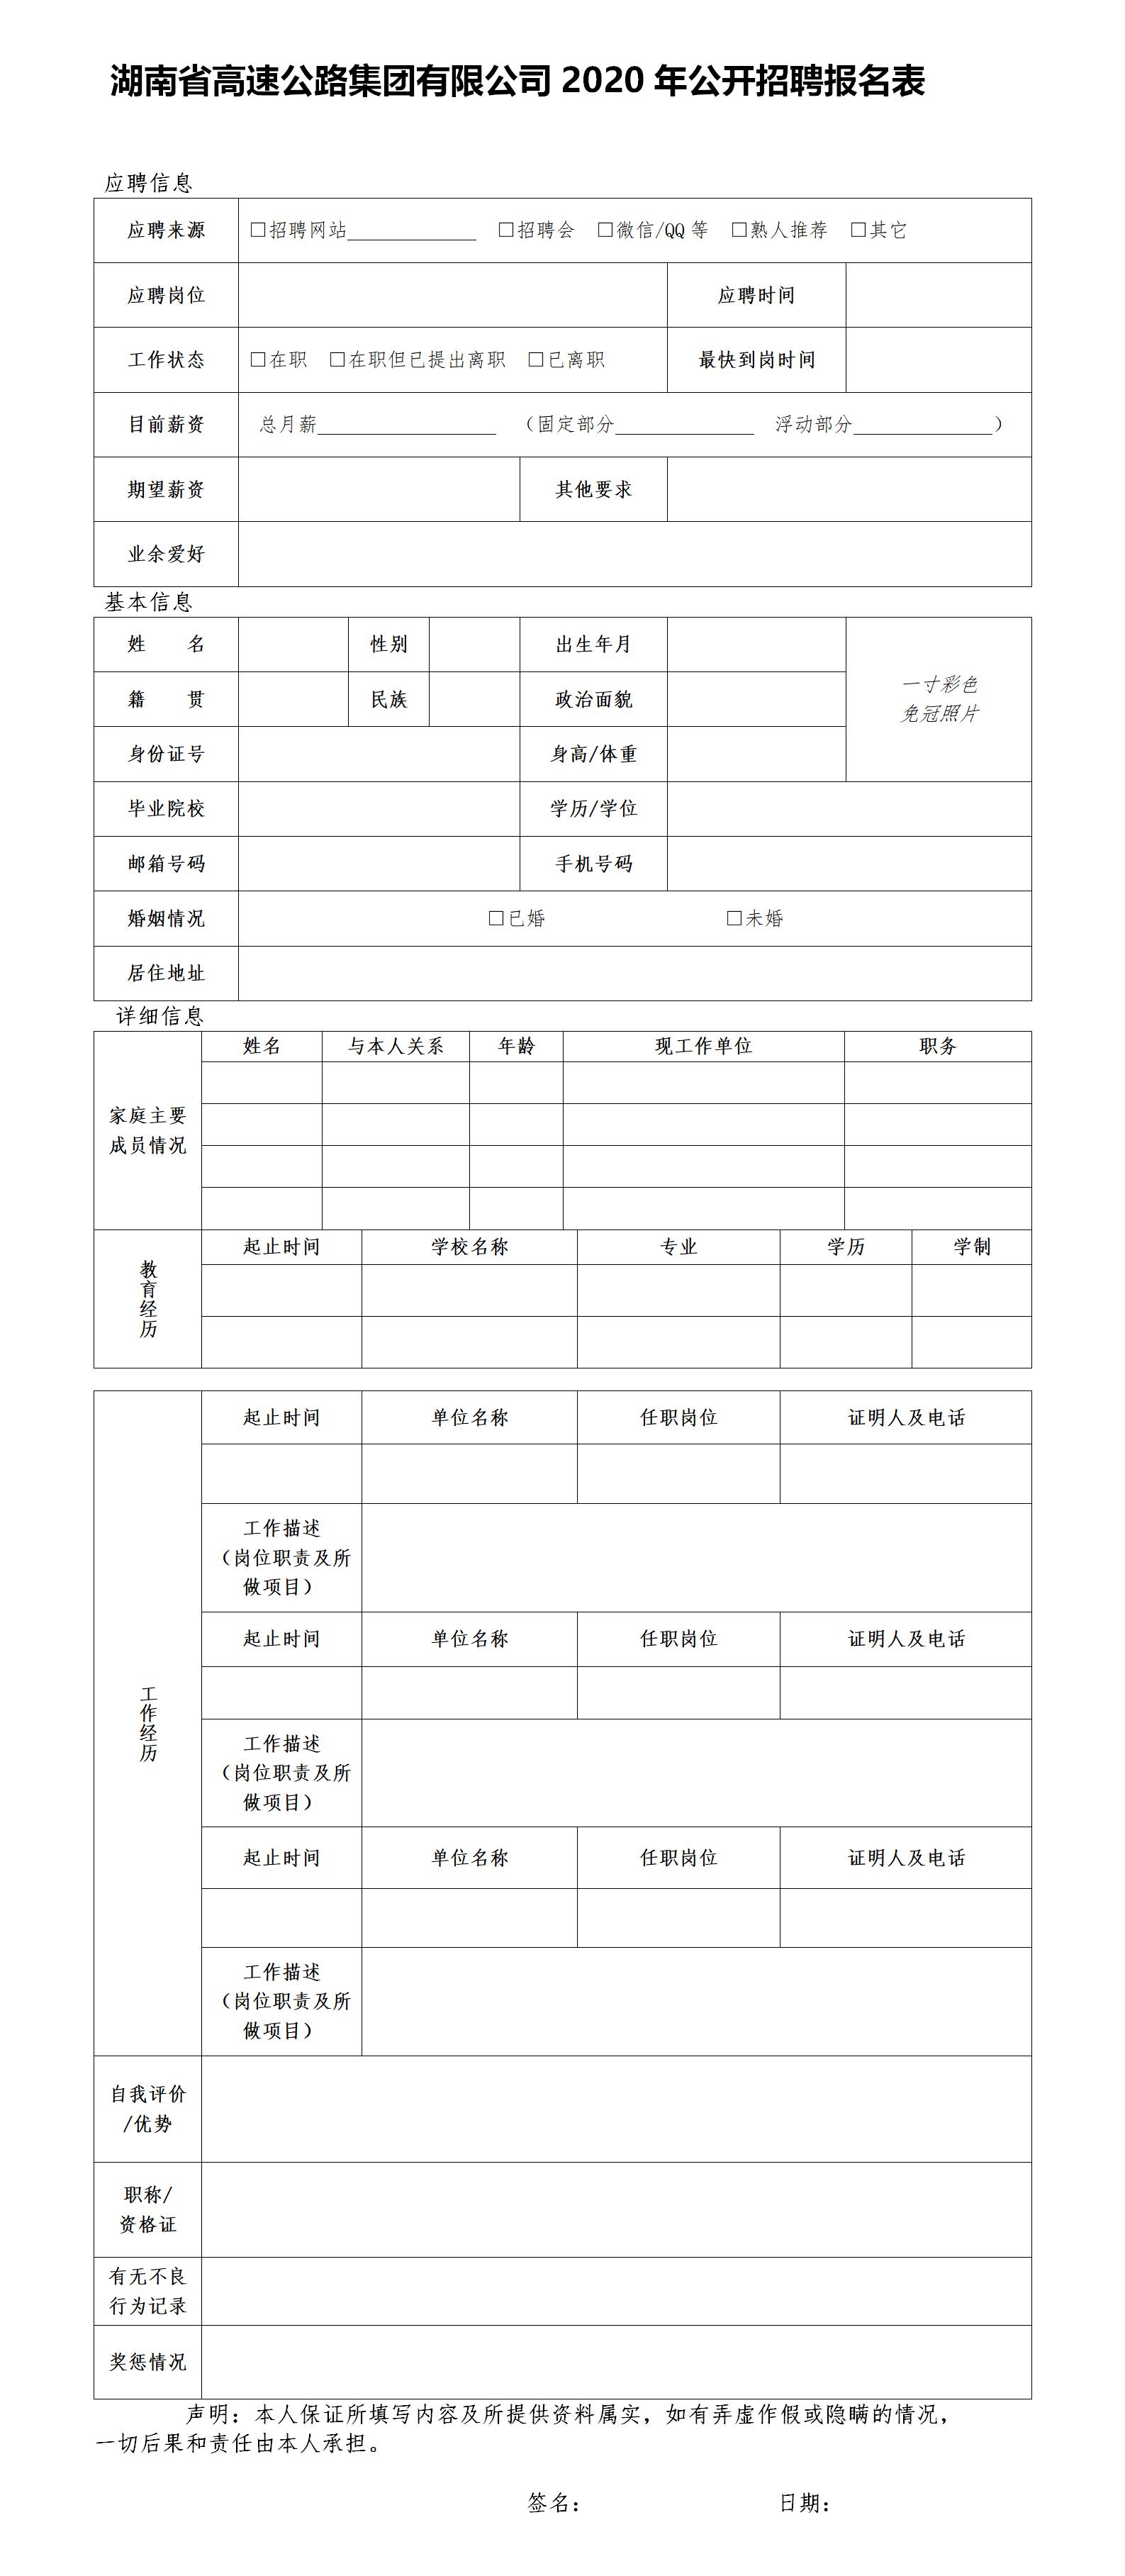 湖南省高速公路集团有限公司公开招聘应聘登记表g.png